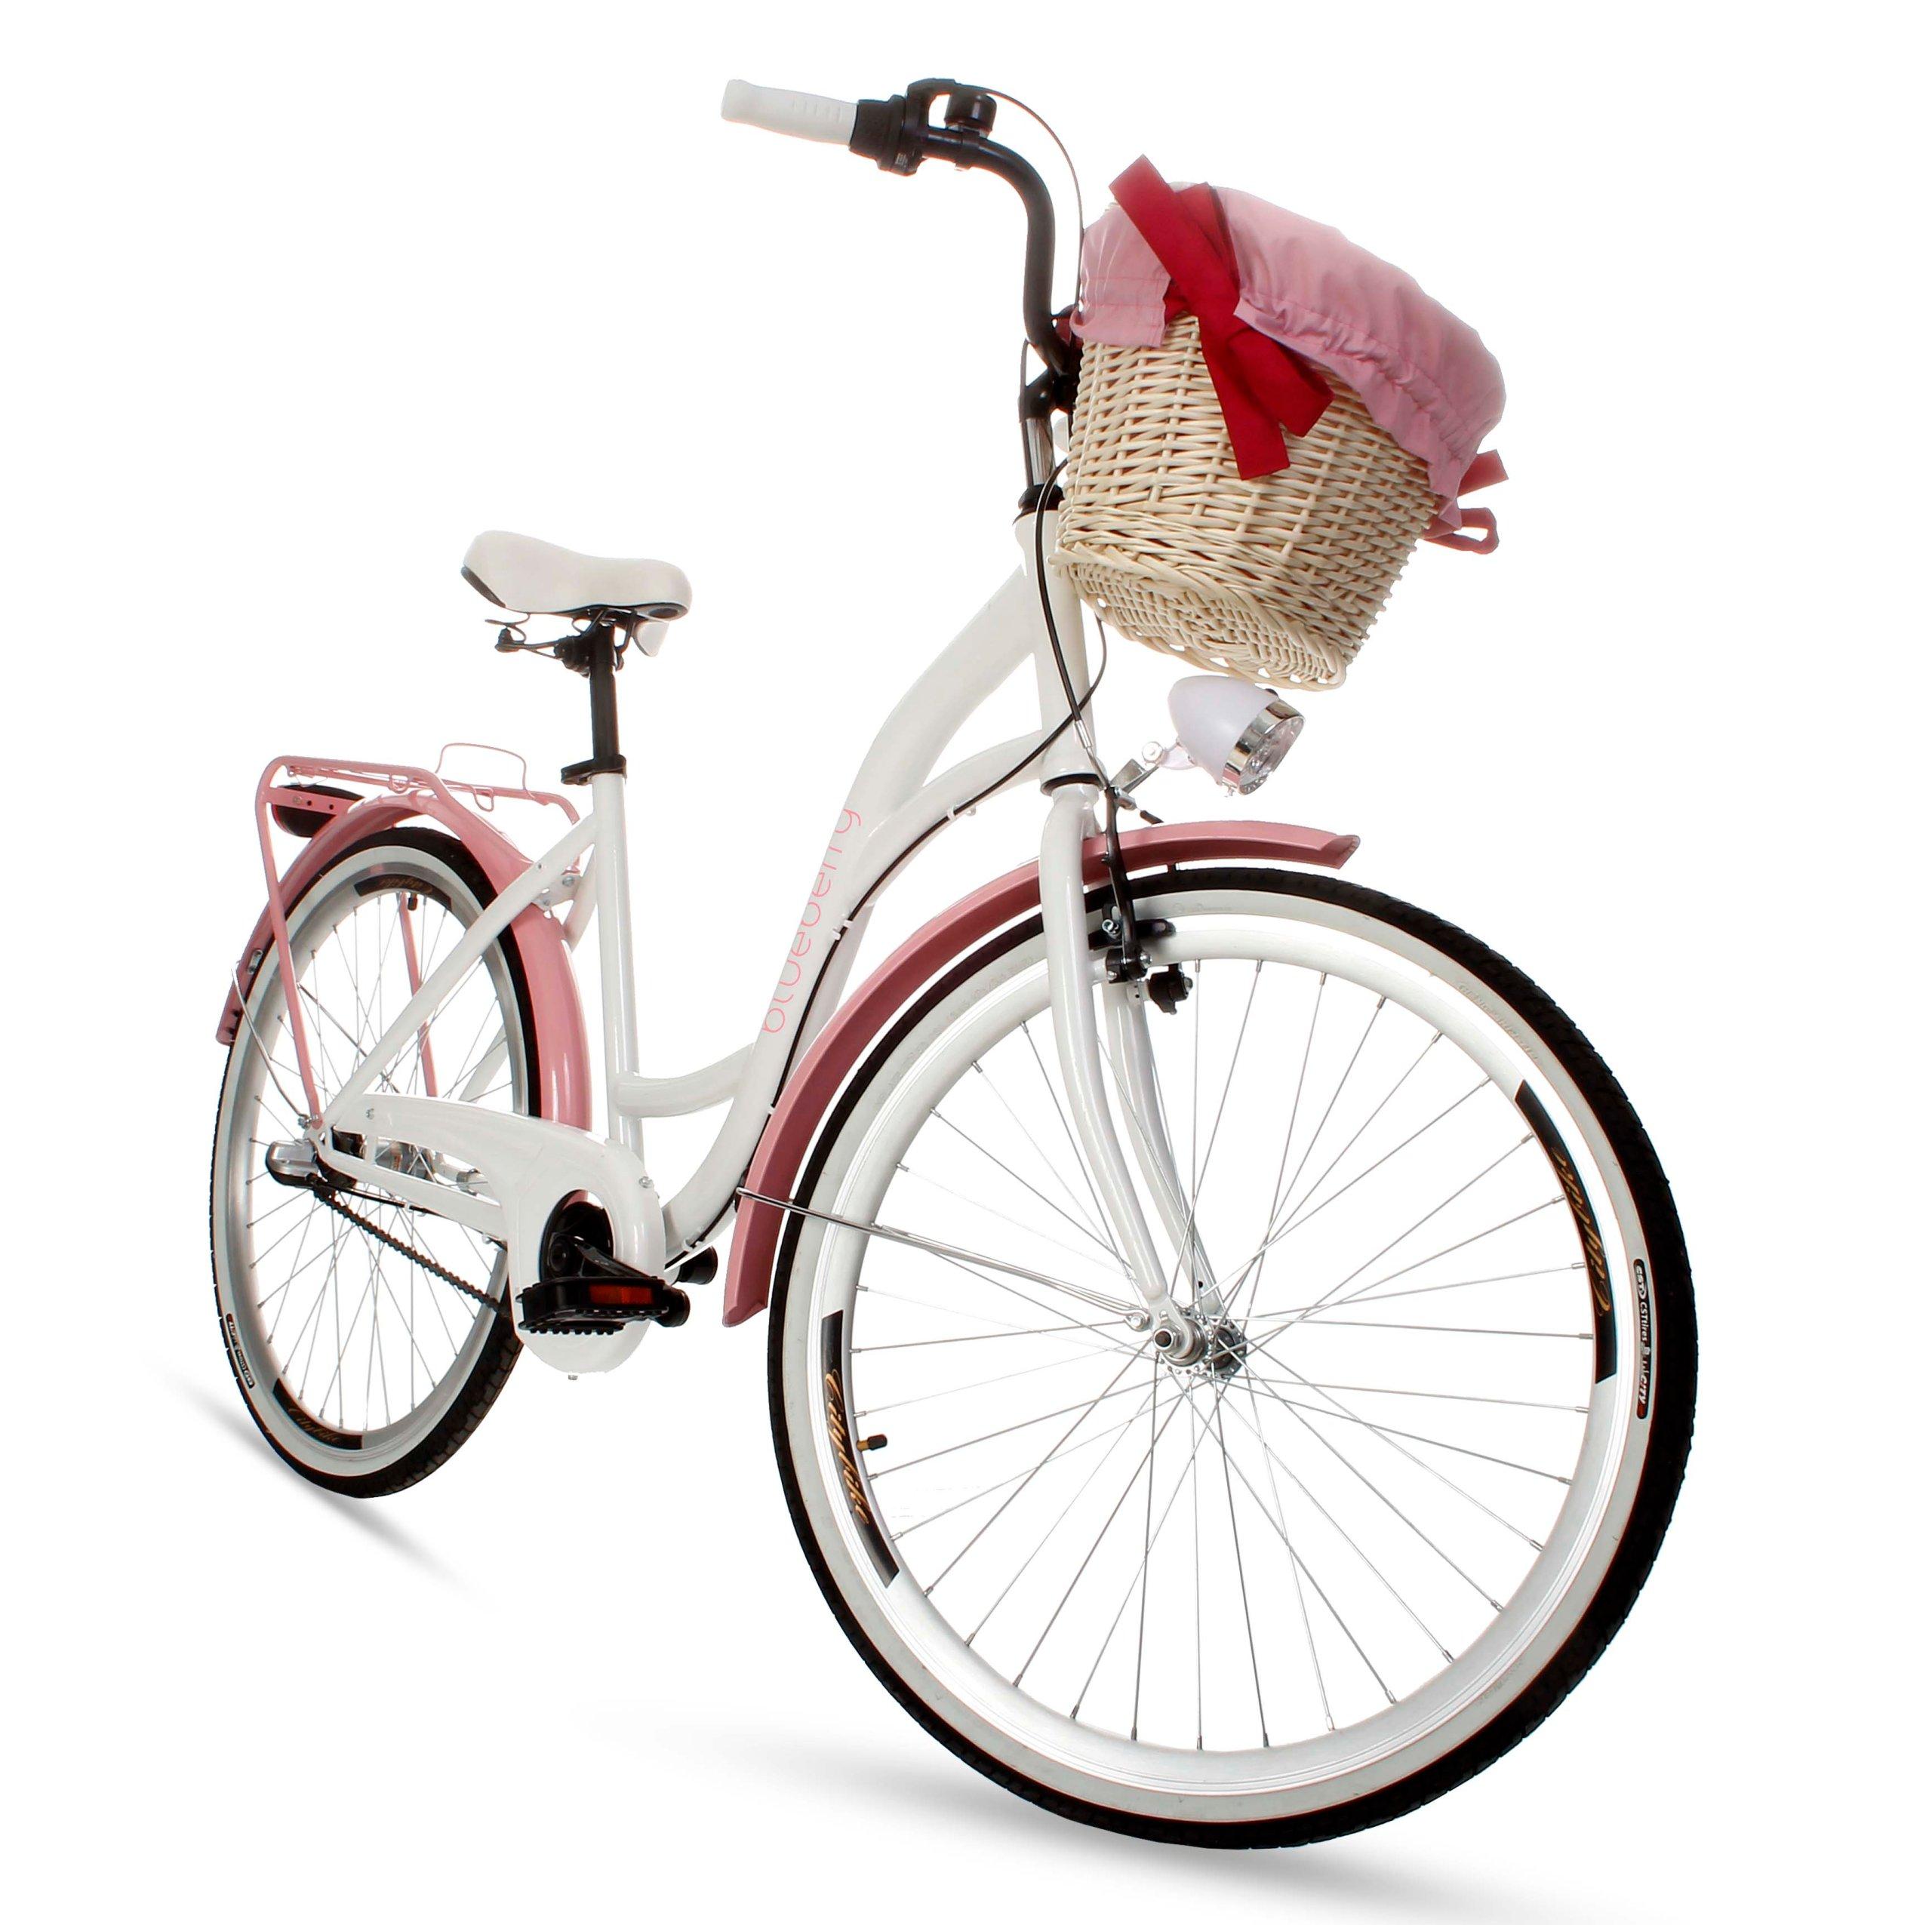 Dámsky mestský bicykel Goetze BLUEBERRY 26 3b košík!  Torpédové brzdy s brzdou v tvare V.